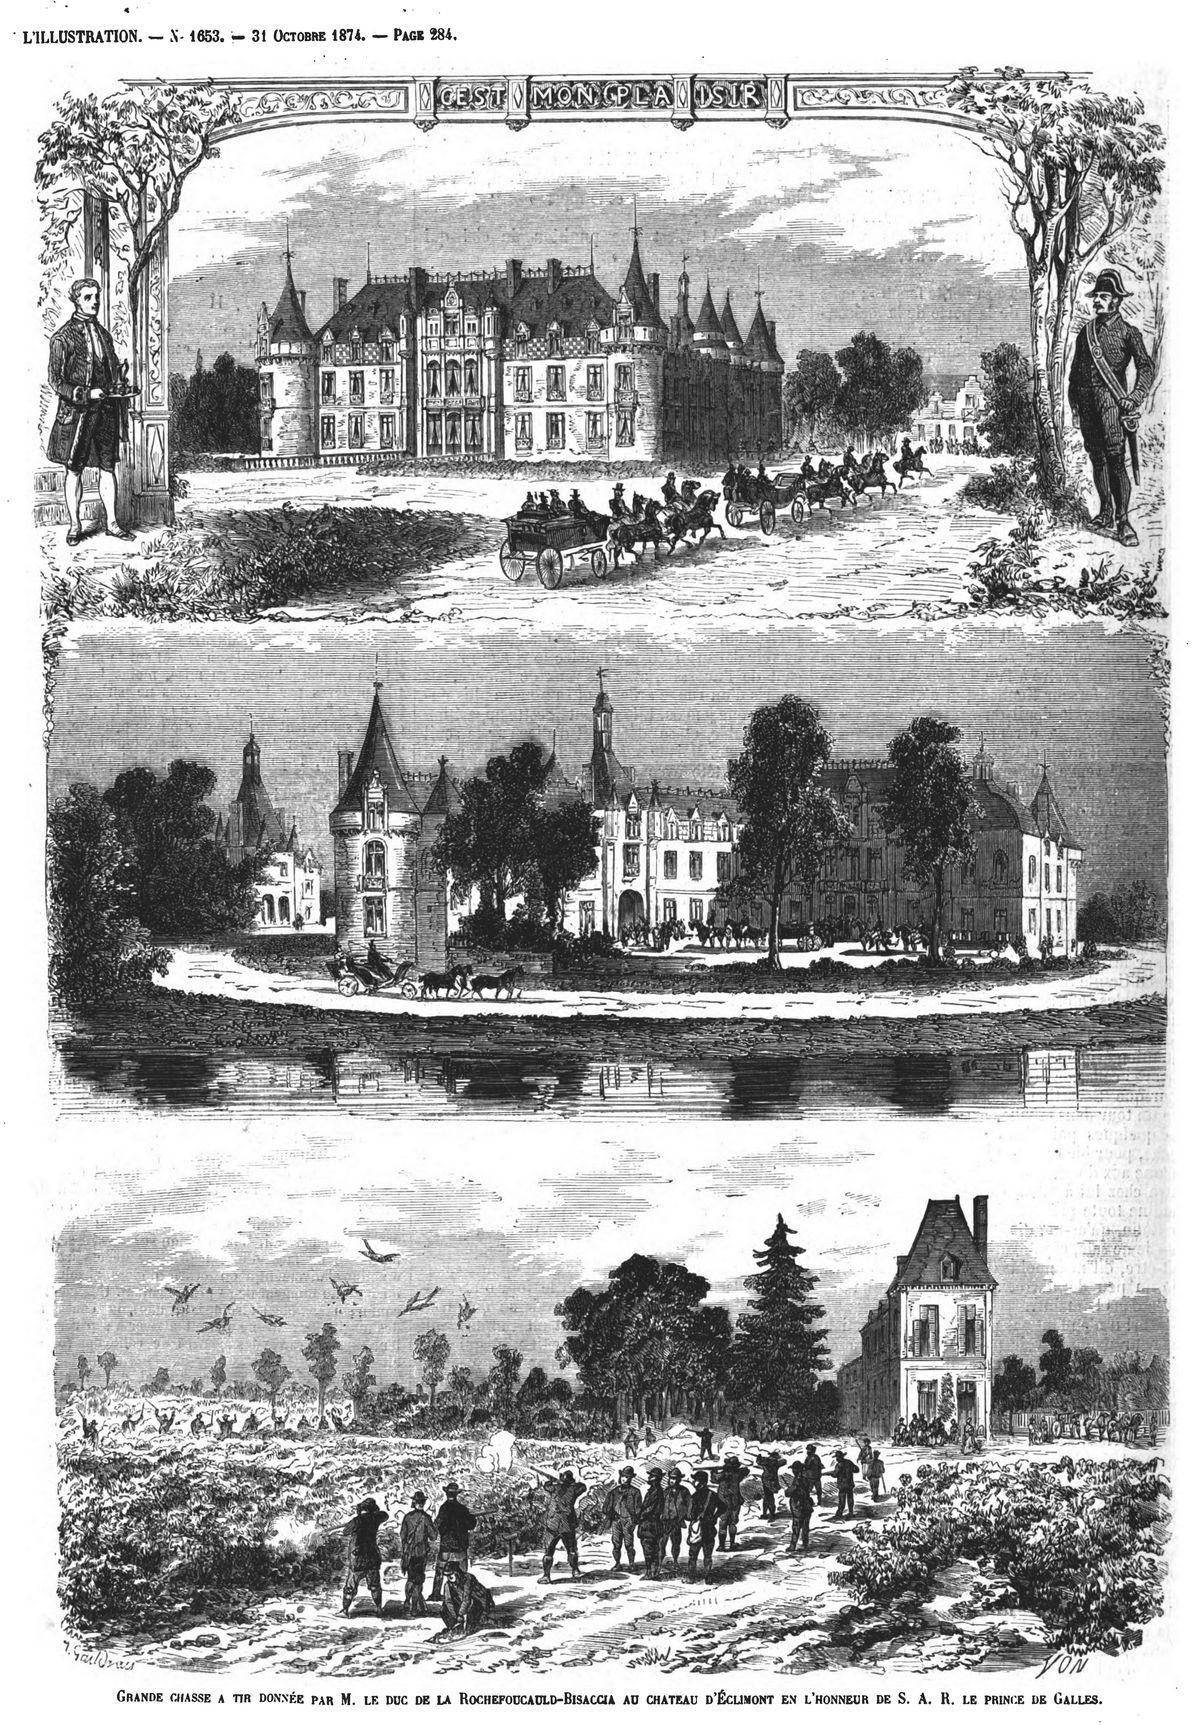 Grande chasse à tir donnée par M. le duc de la Rochefoucauld-Bisaccia au château d'Eclimont en l'honneur de S. A. R. le prince de Galles. Gravure 1874